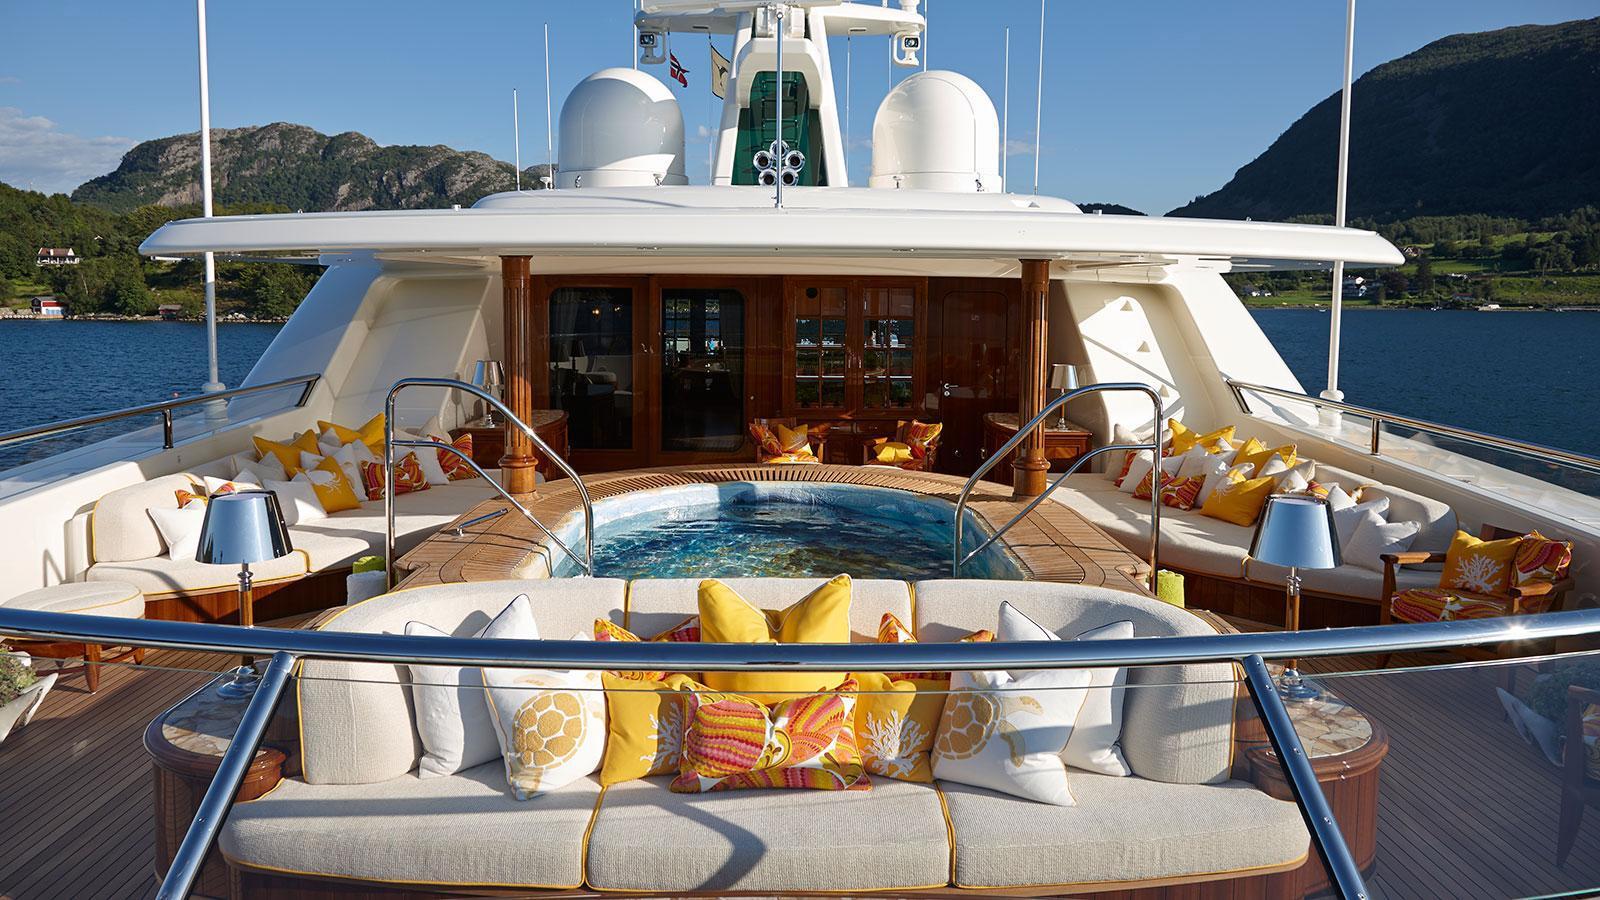 sea-owl-motor-yacht-feadship-2013-62m-sun-deck